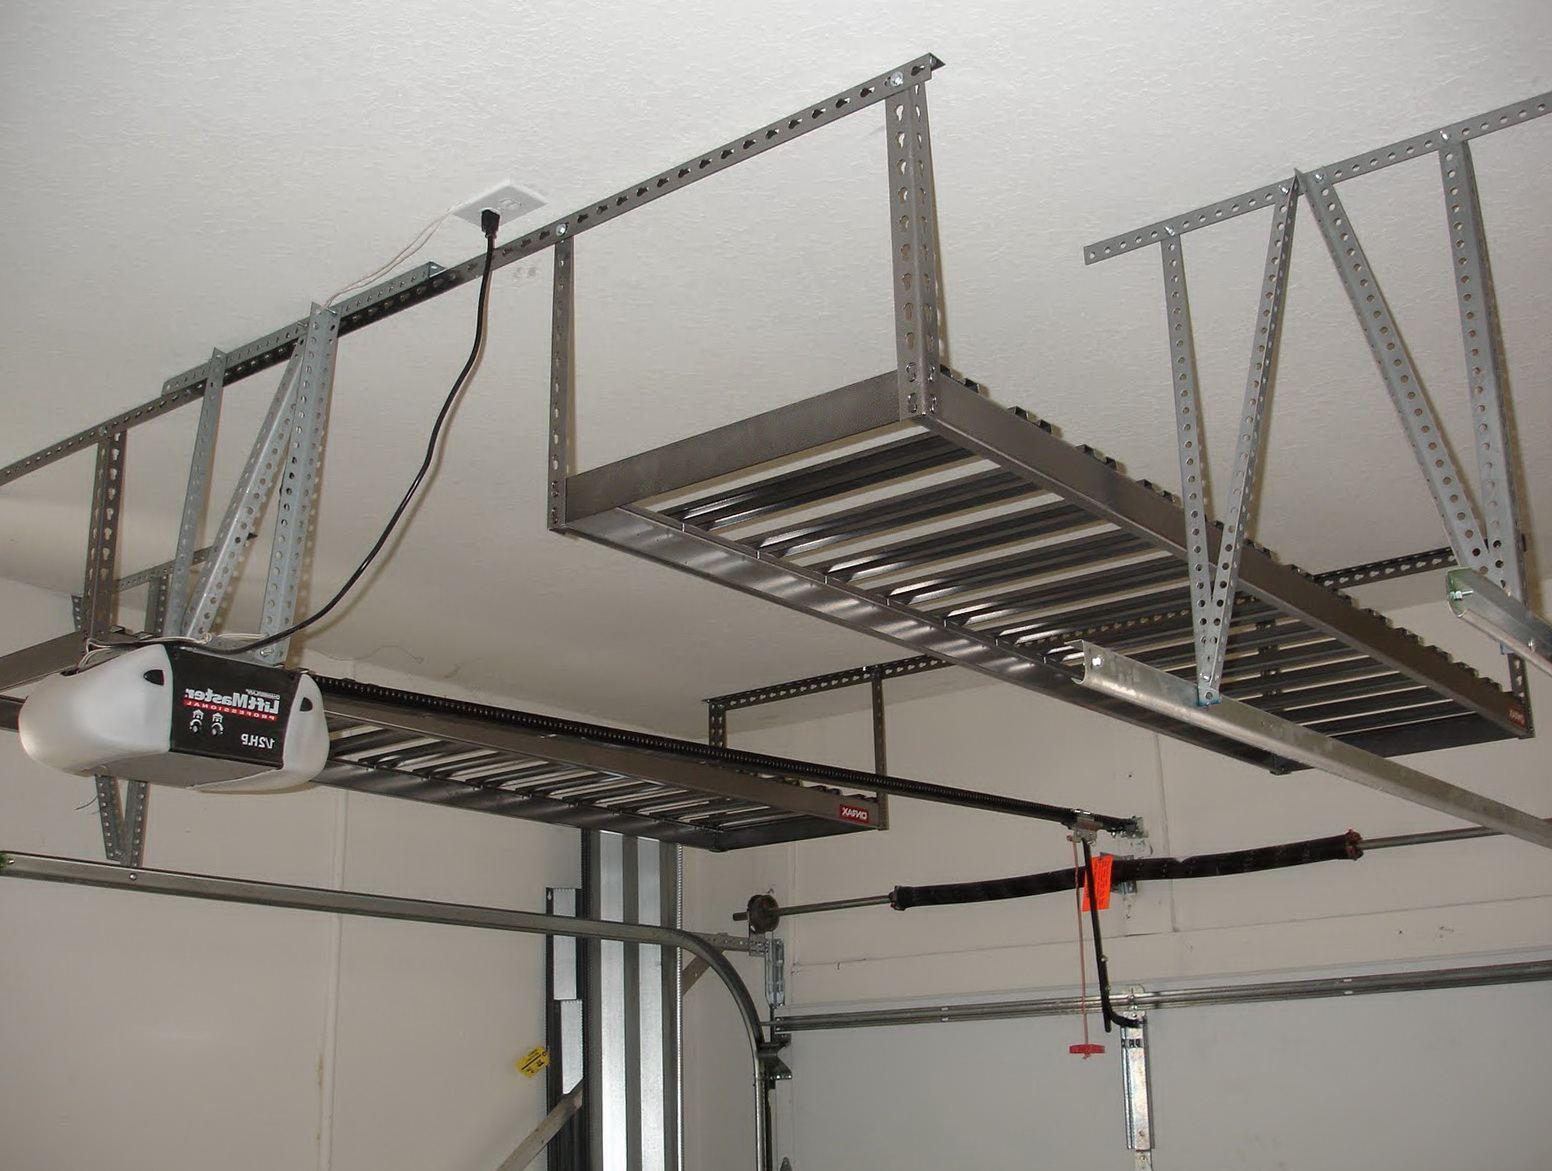 Best ideas about Garage Ceiling Storage Lift . Save or Pin Diy Overhead Garage Storage Lift DIY Unixcode Diy Garage Now.